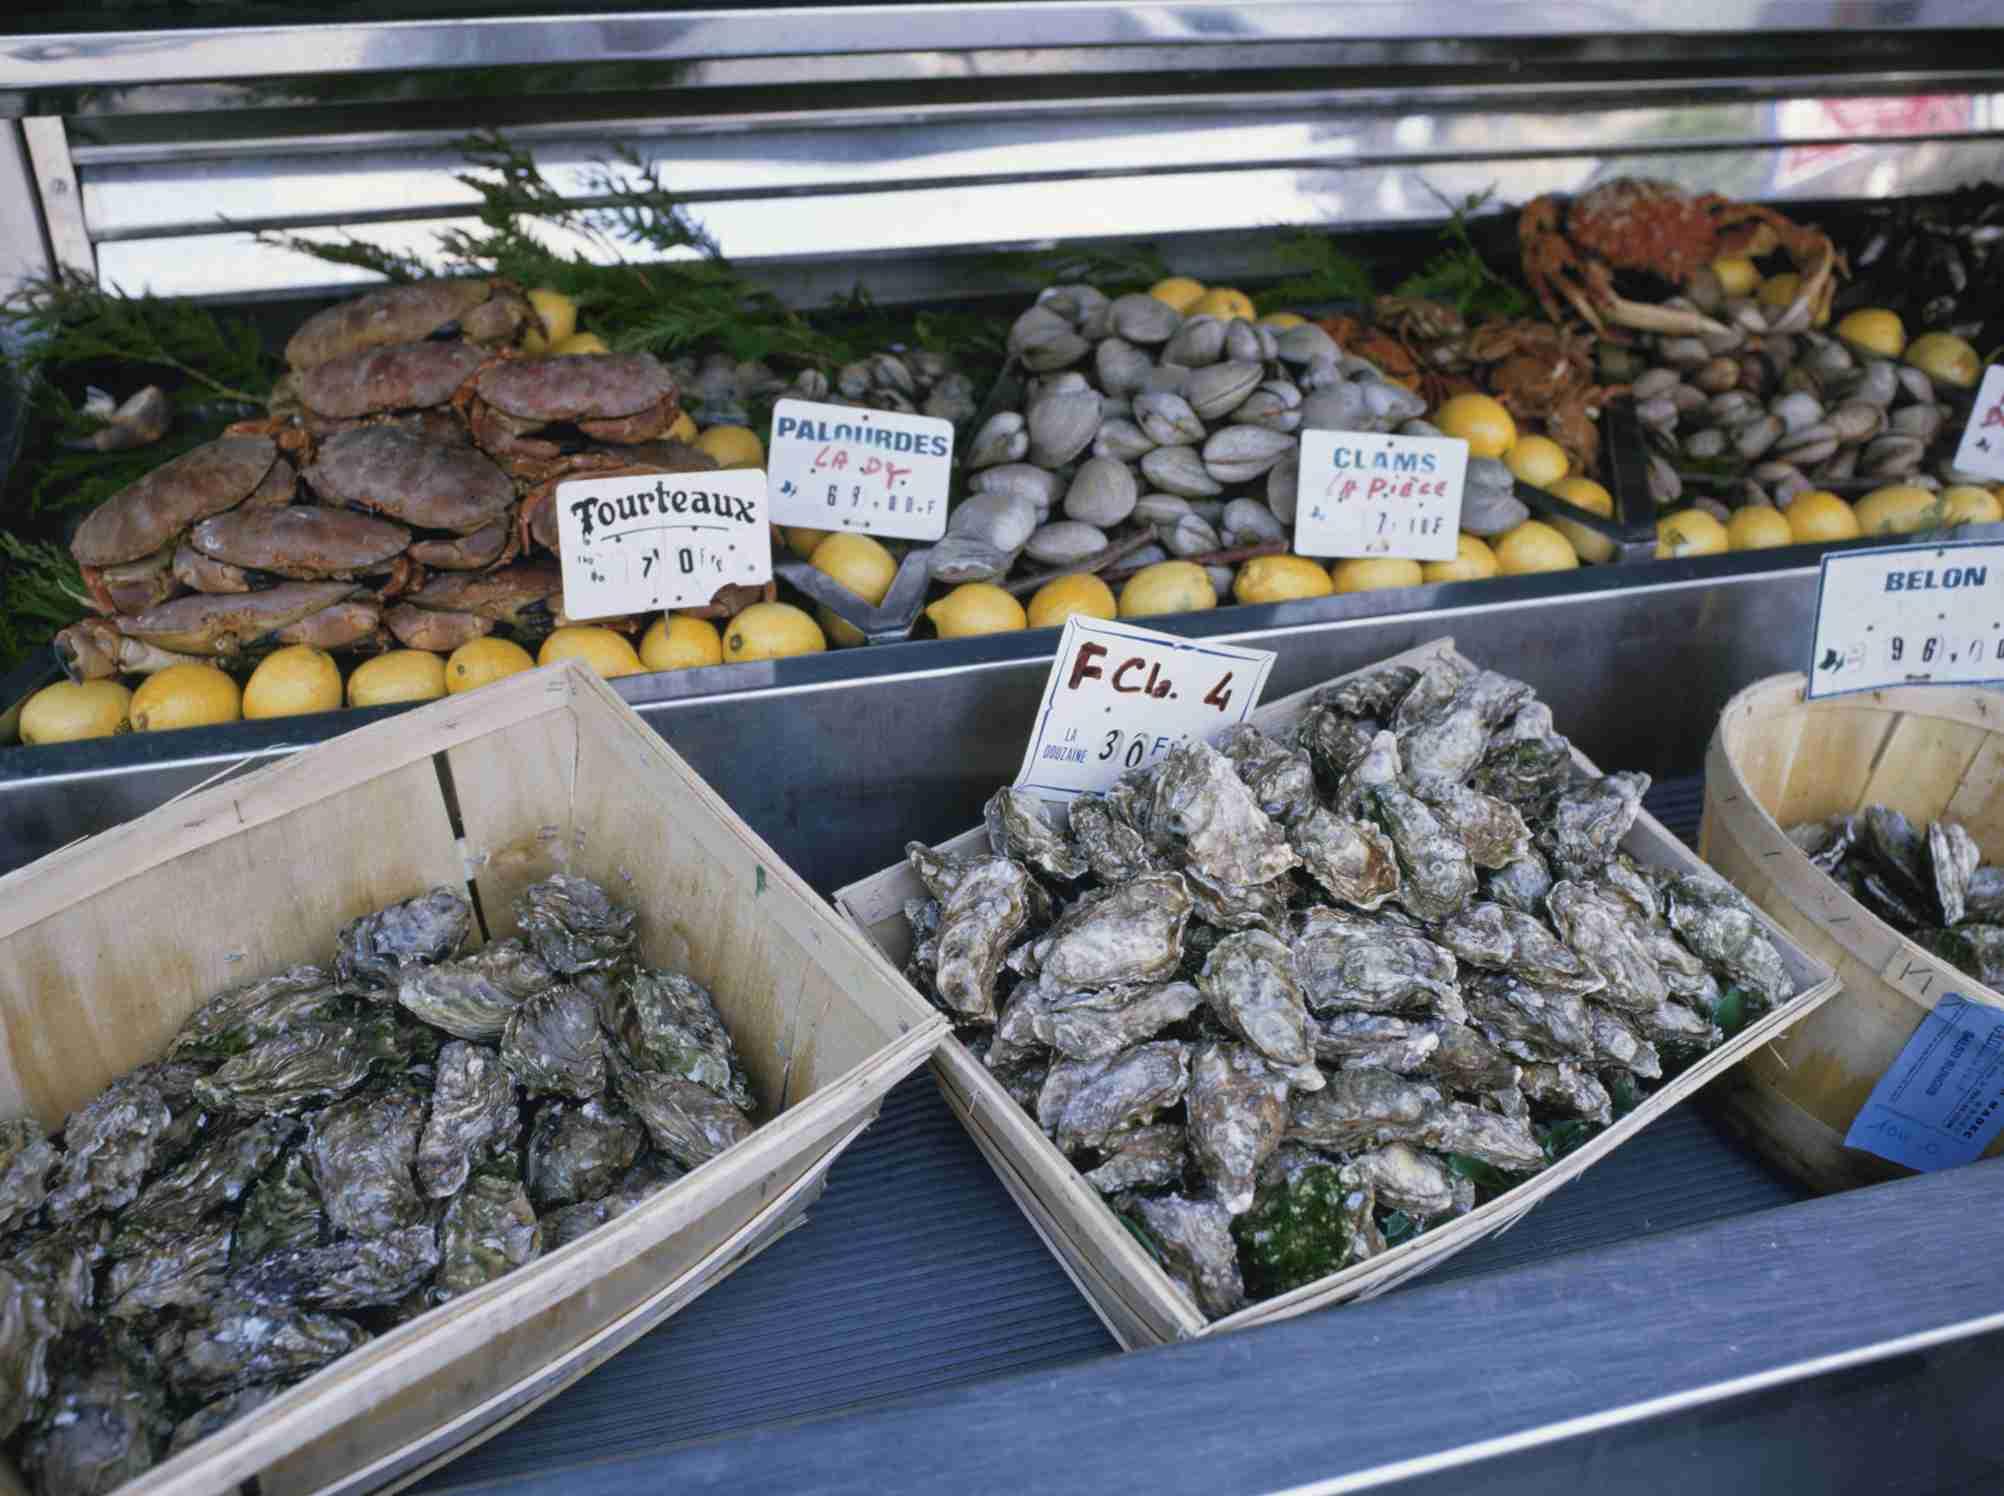 Shellfish market, Montparnasse, Paris, France